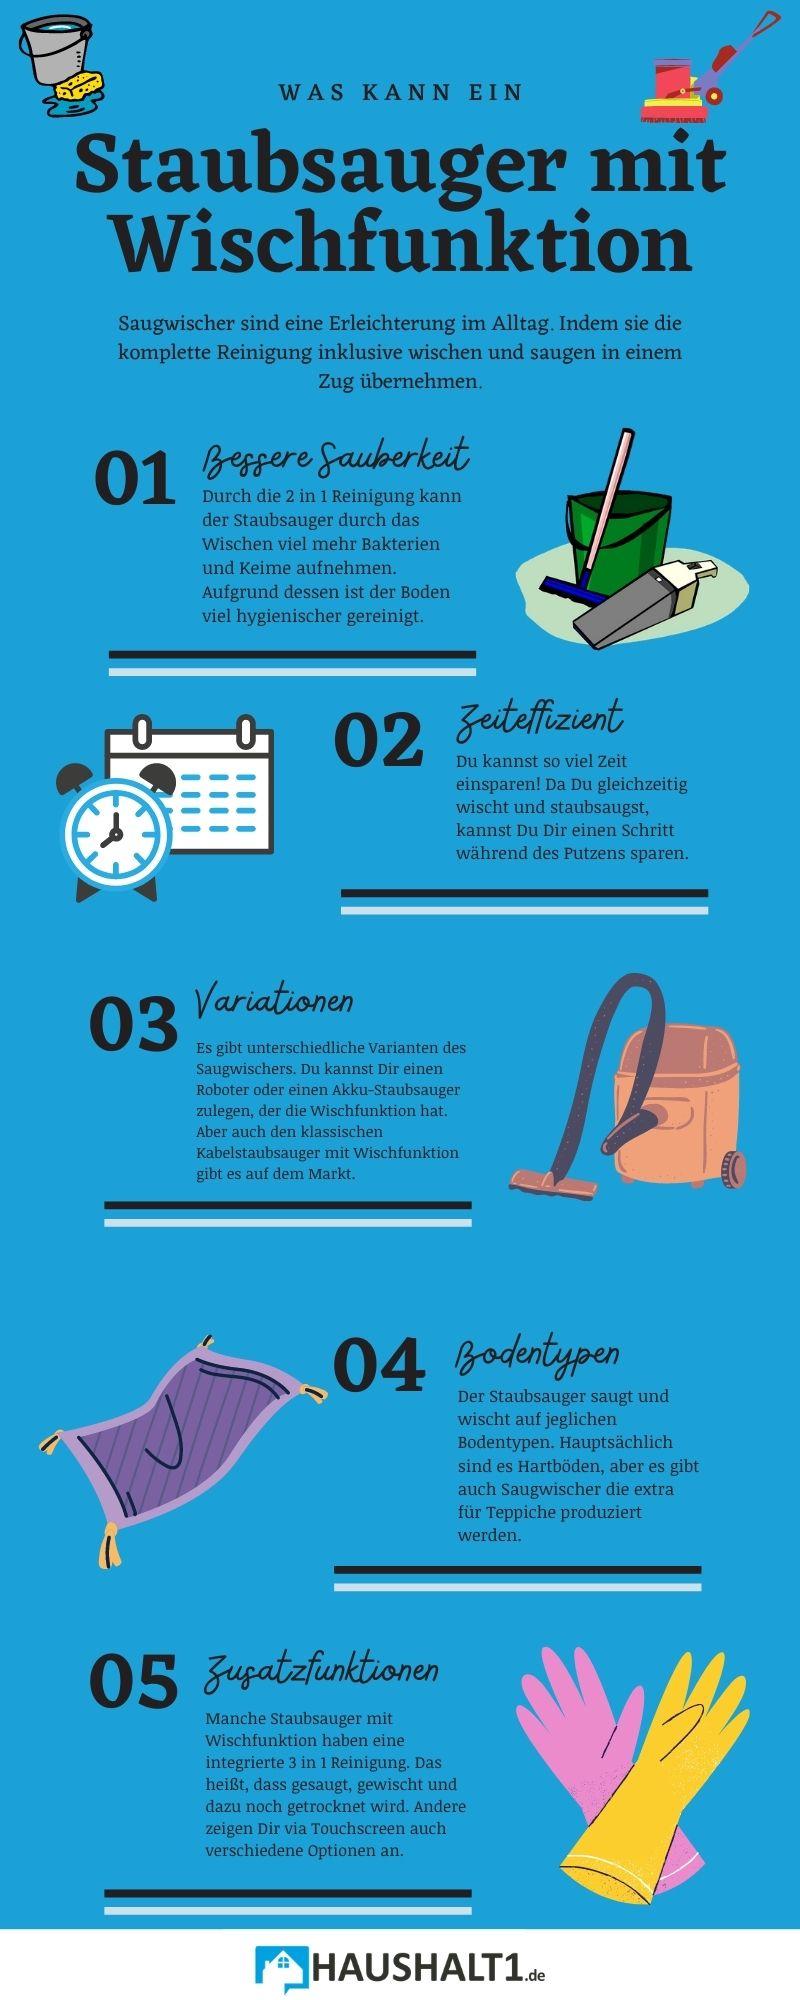 Infografik zu Staubsauger mit Wischfunktion